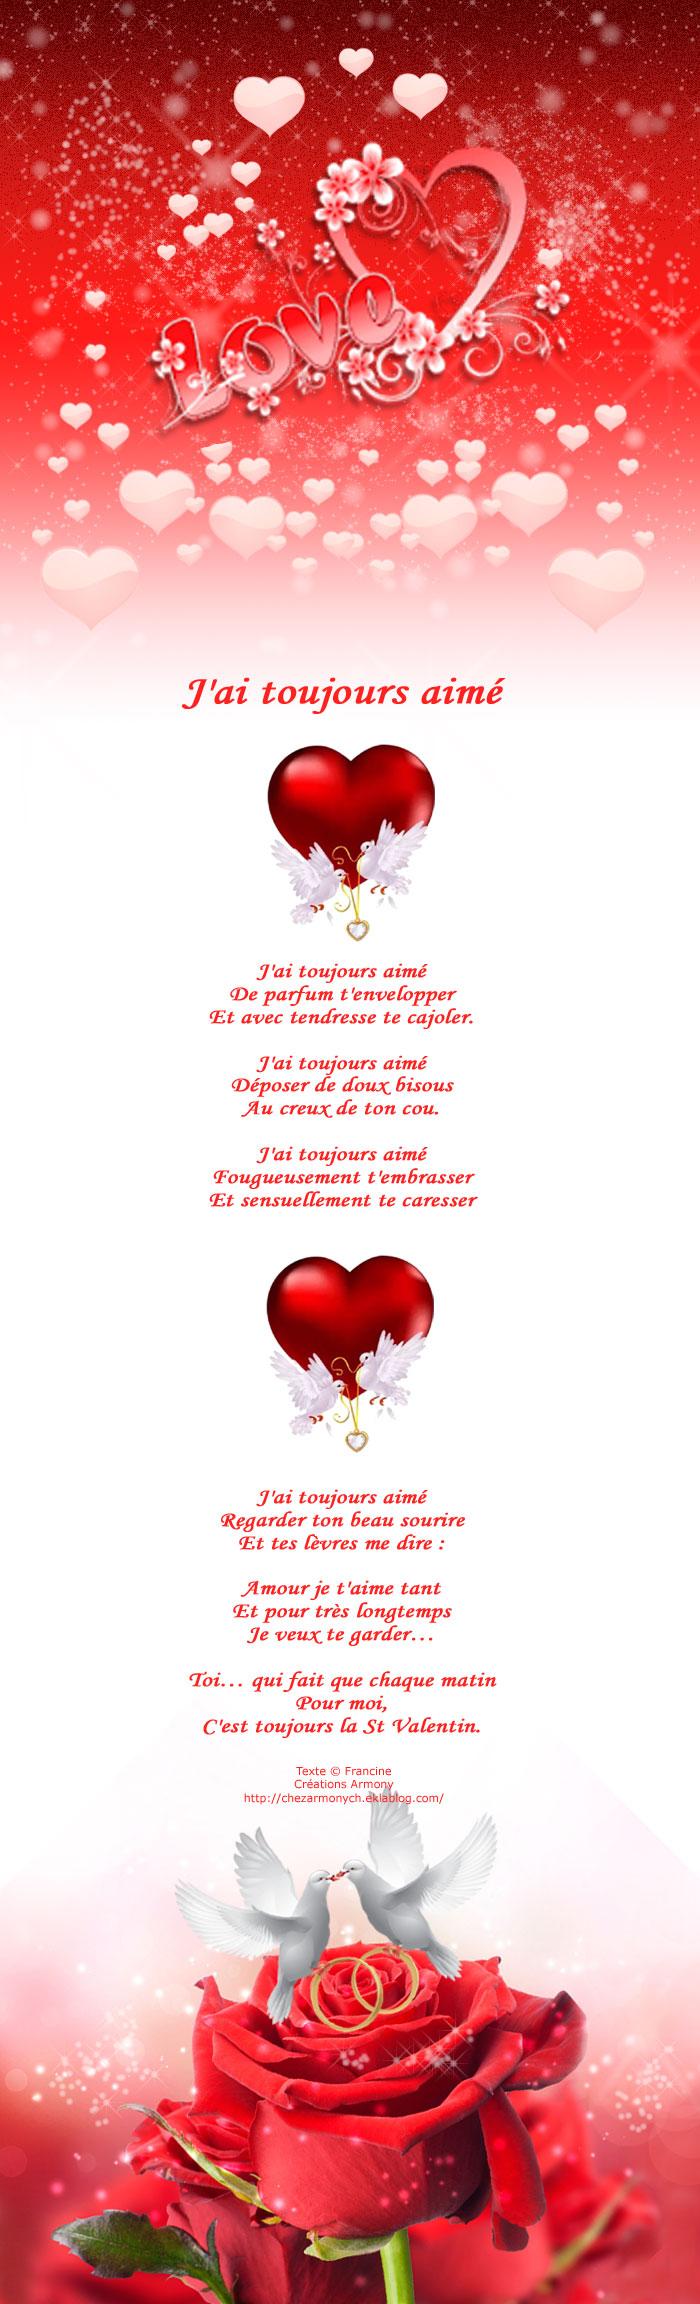 Poème st-valentin J'ai toujours aimé